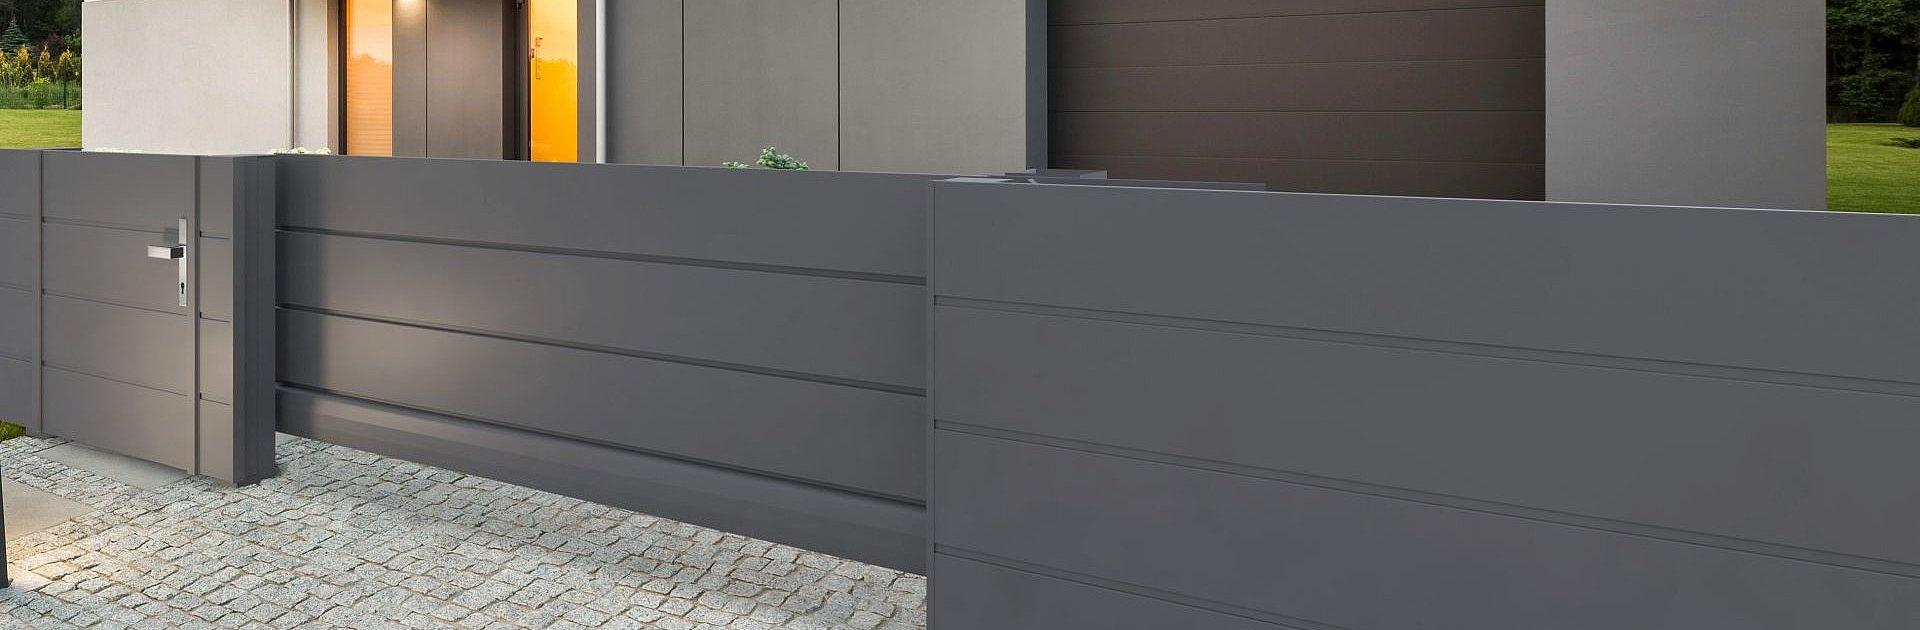 portail coulissant occultant moderne couleur anthracite devant une maison moderne